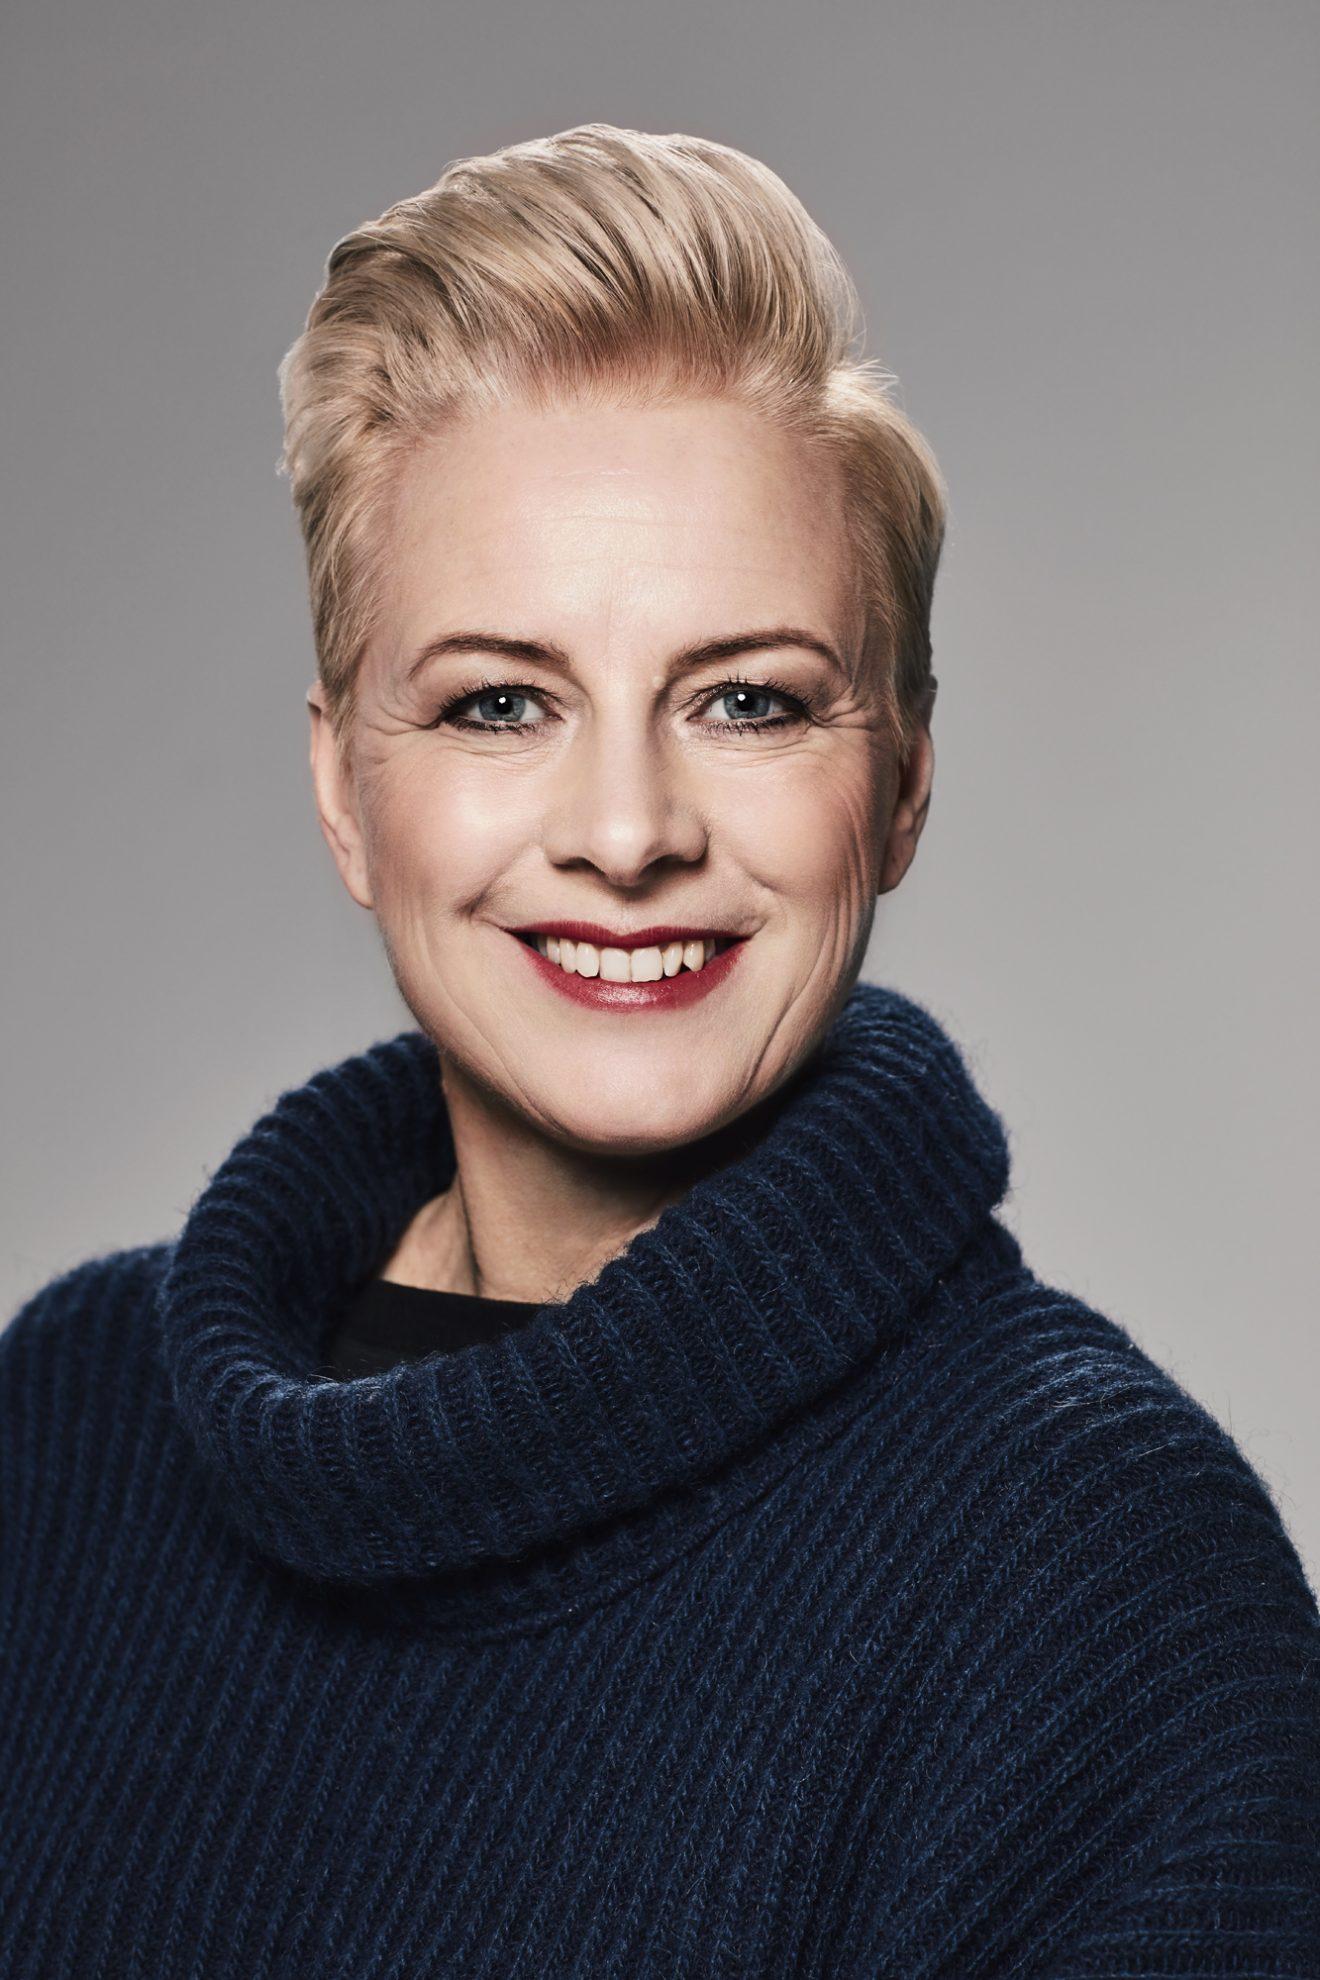 Julekoncert med  Jette Torp i Kulturcafé Ludvig